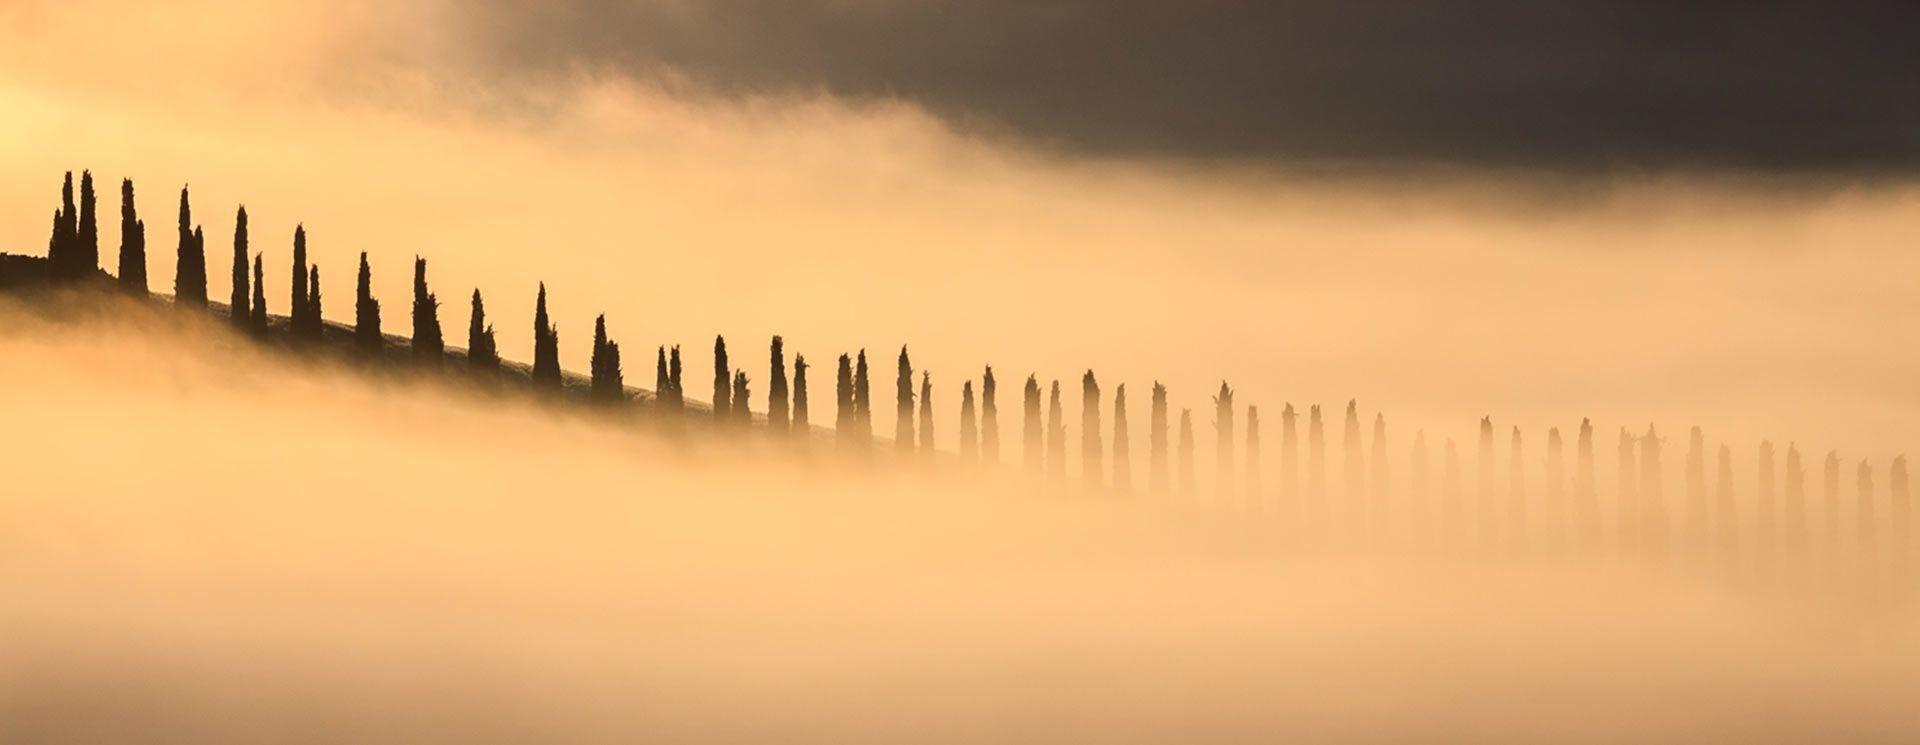 voyage photo toscane automne